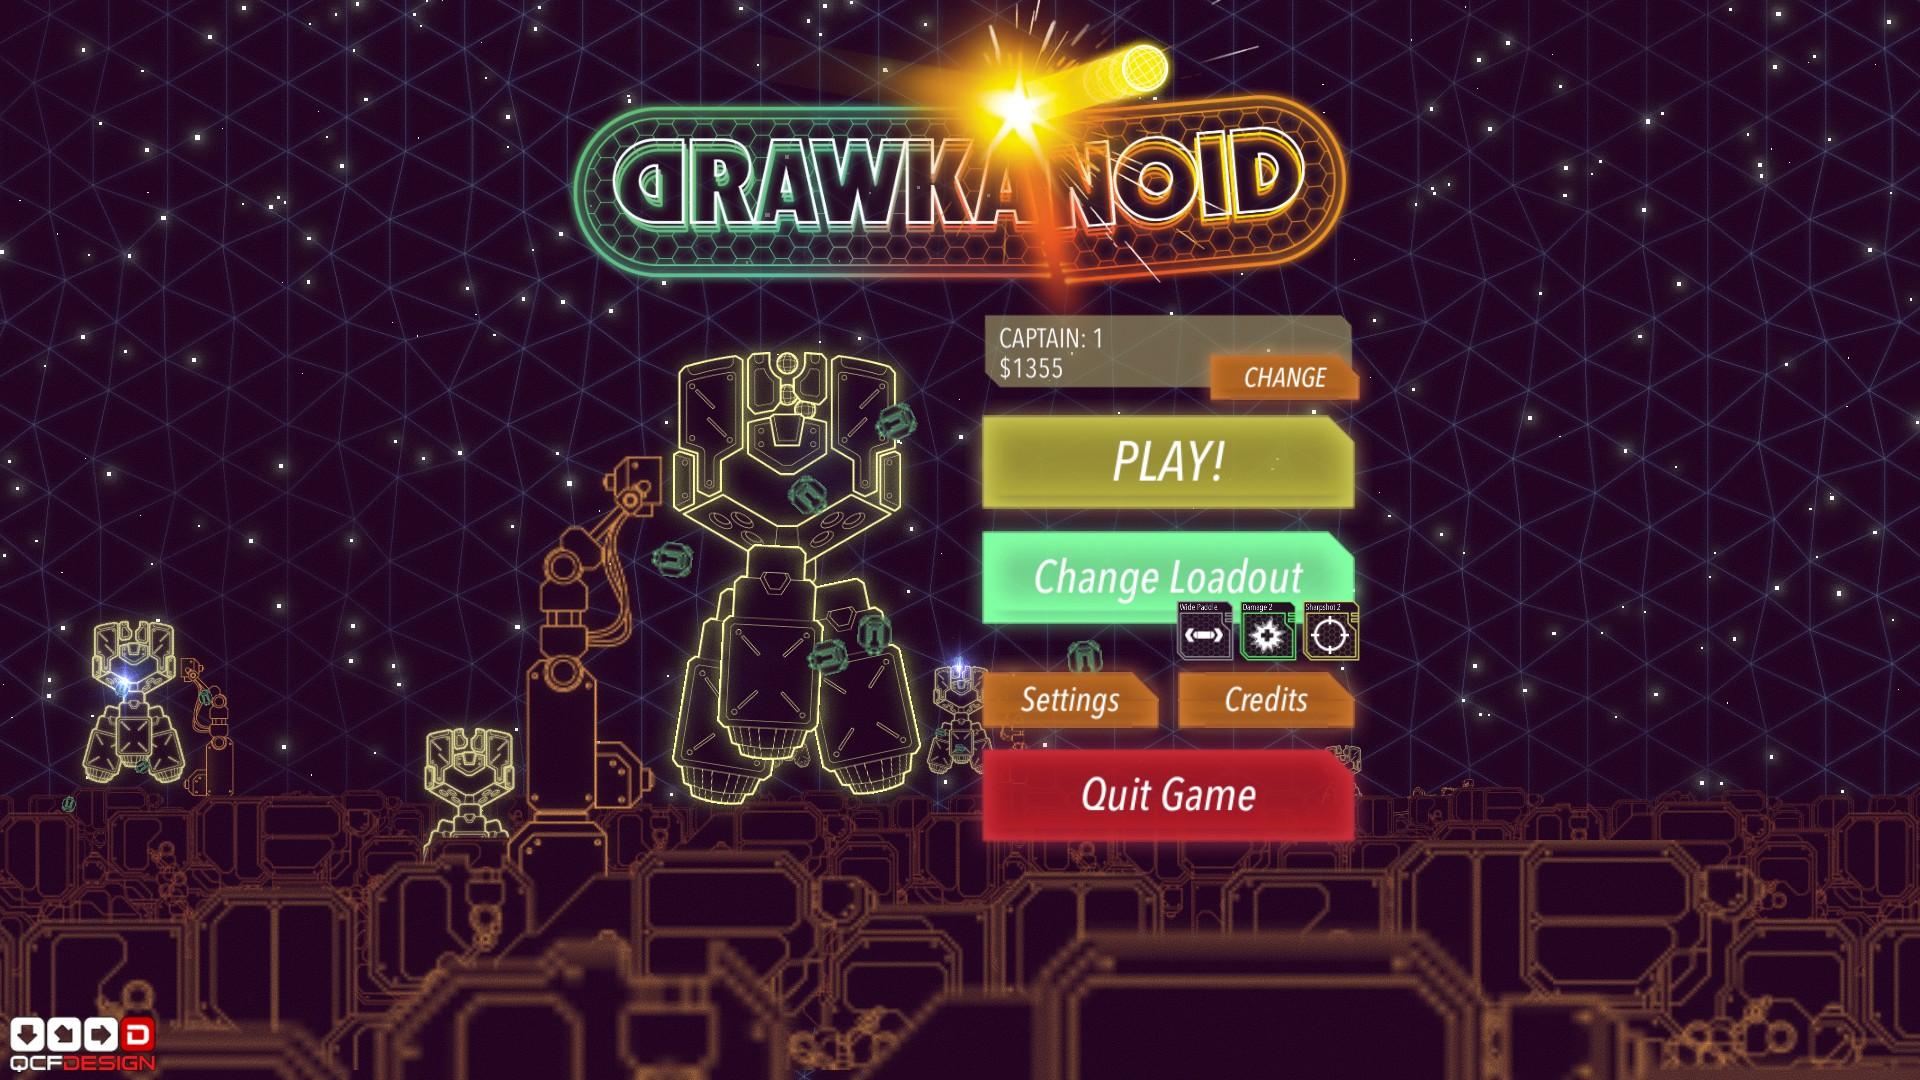 Обзор drawkanoid. - Изображение 1